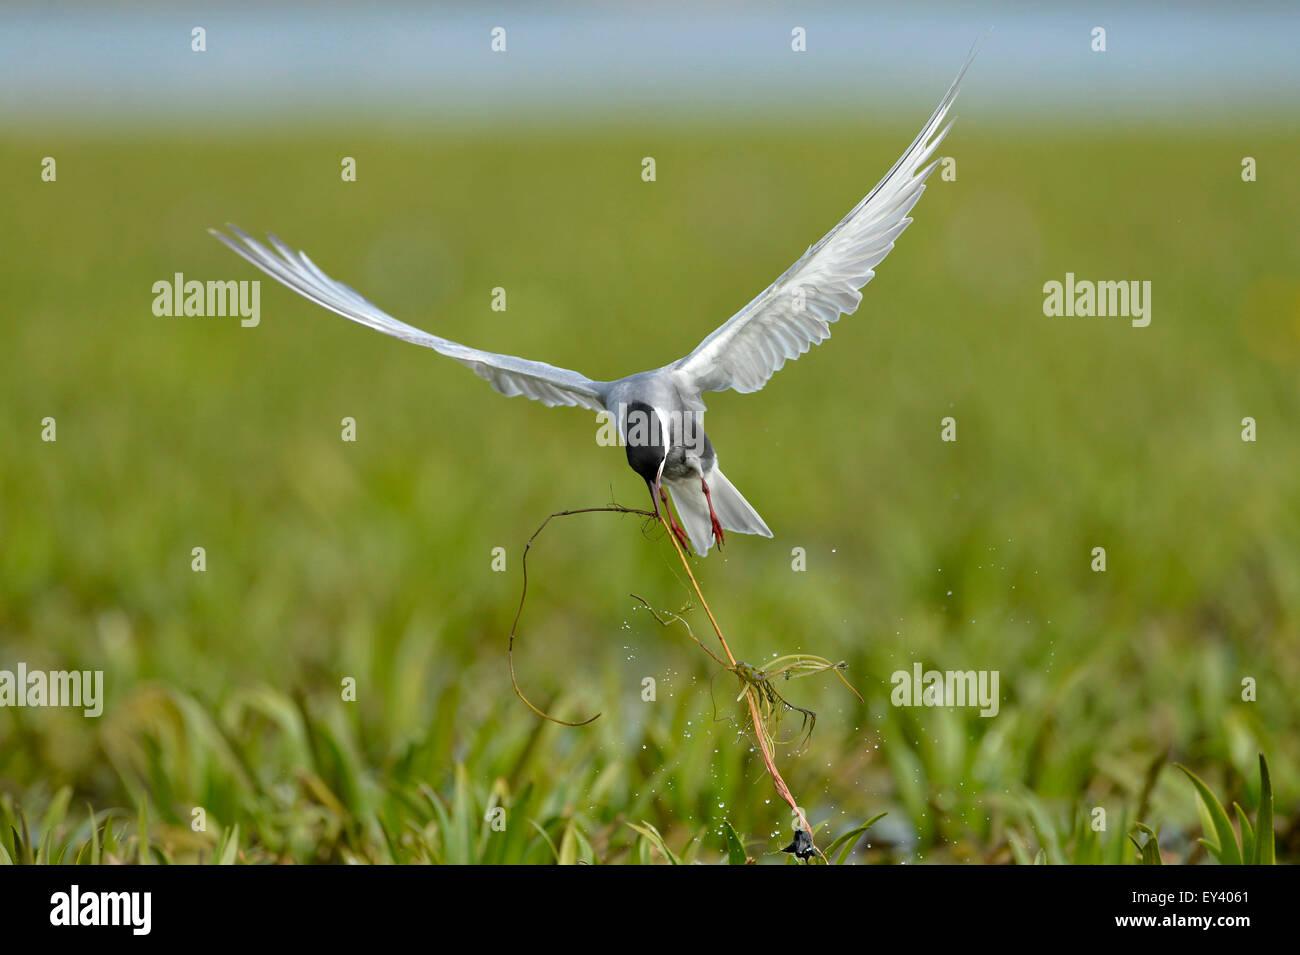 Whiskered Tern (Chlidonias hybrida) adulto en plumaje nupcial, en vuelo de tirón en la vegetación, el Imagen De Stock